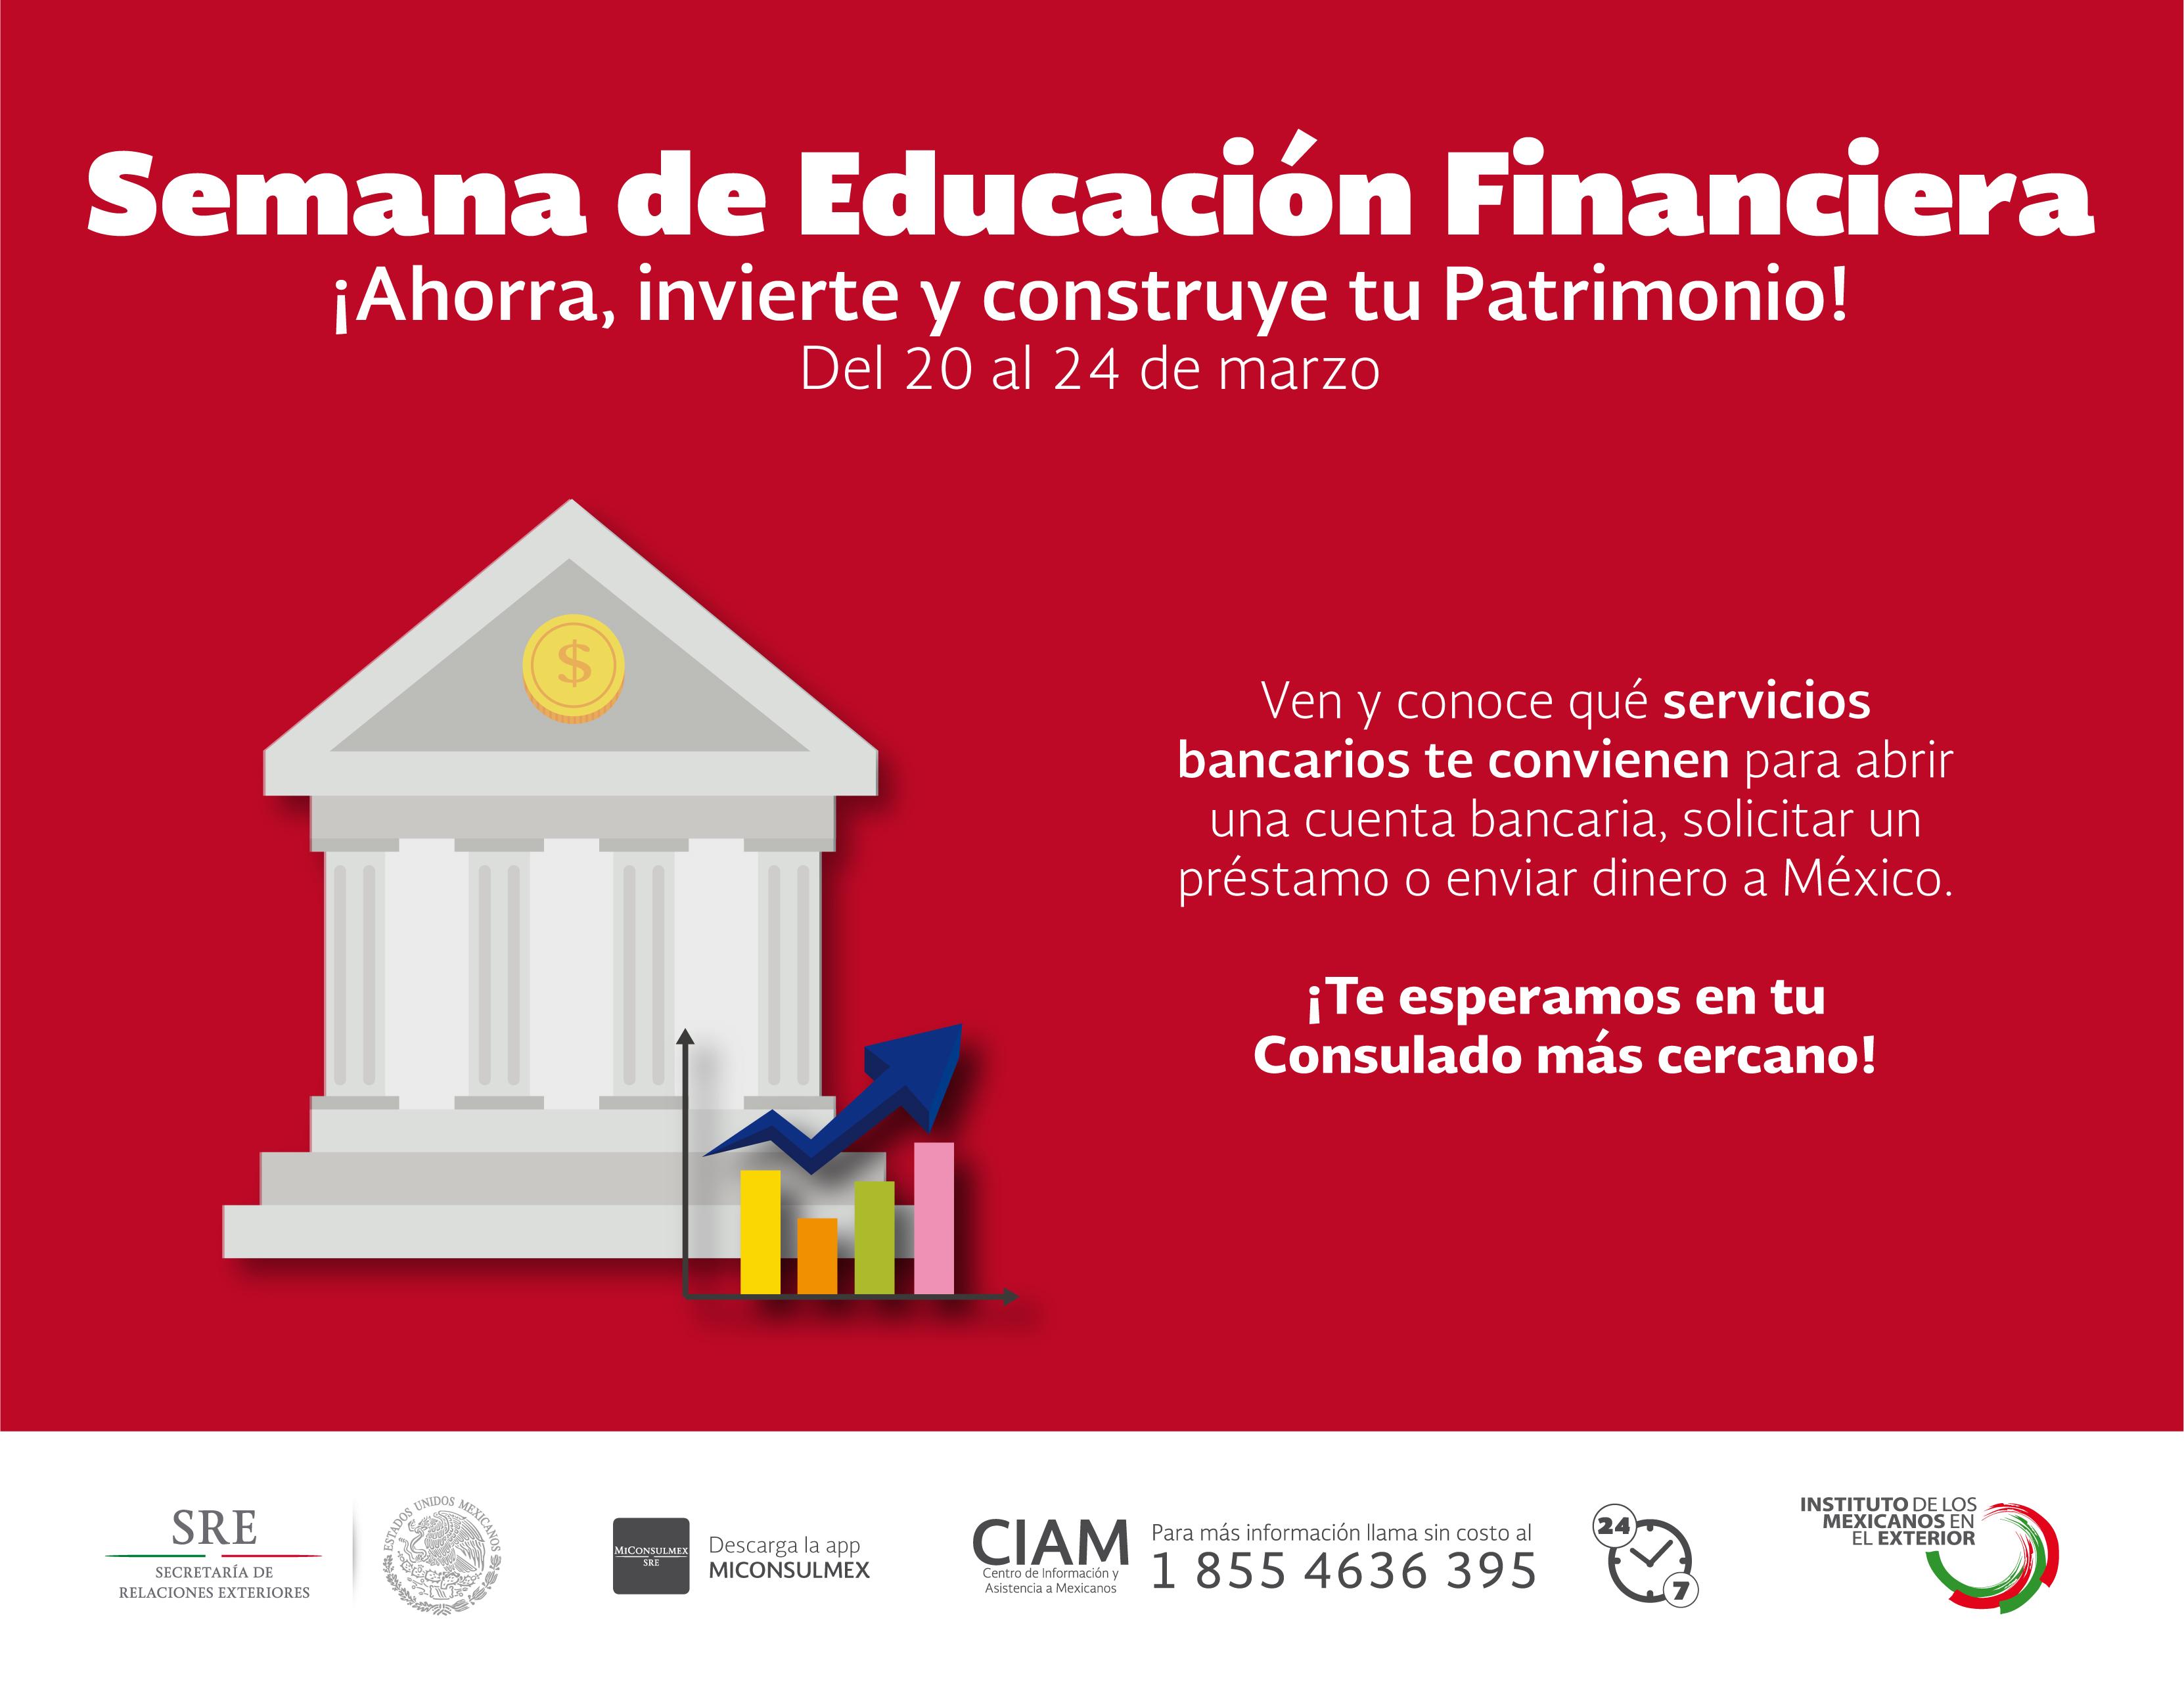 Sef 2017 instituto de los mexicanos en el exterior - Instituto de los mexicanos en el exterior ...